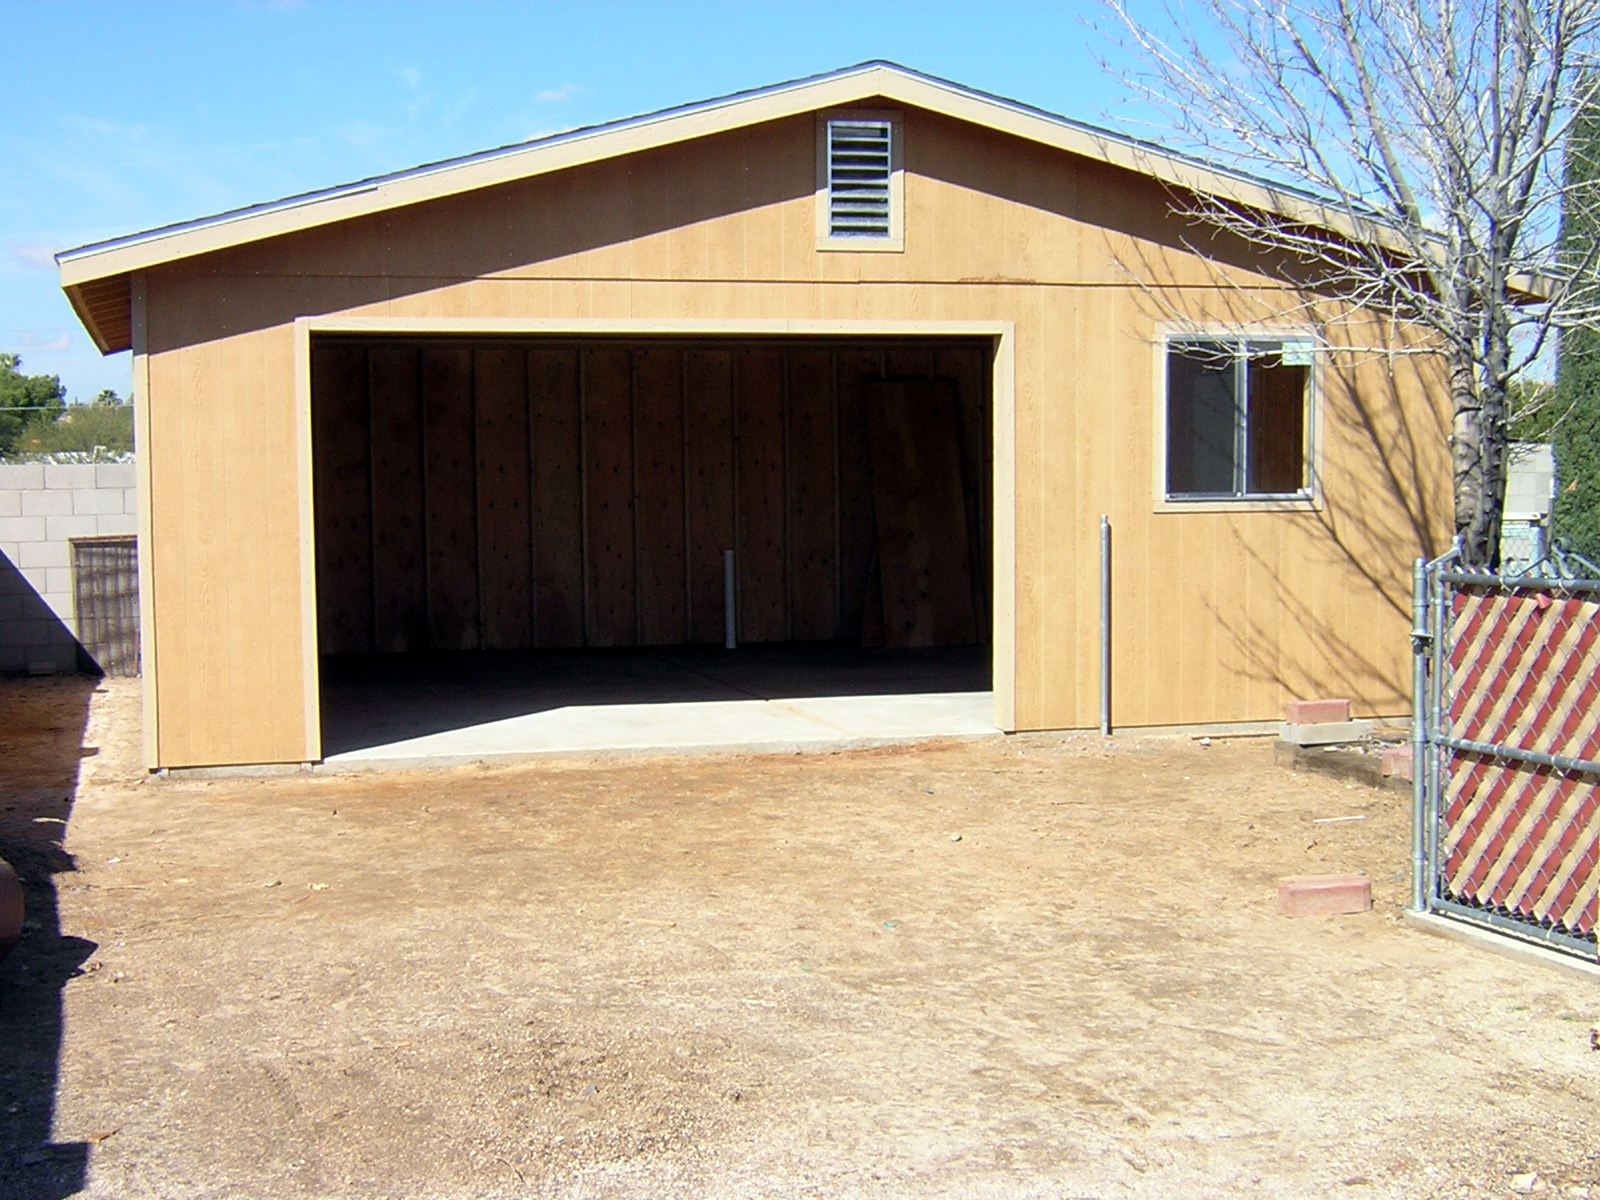 Garage Photo Galleries